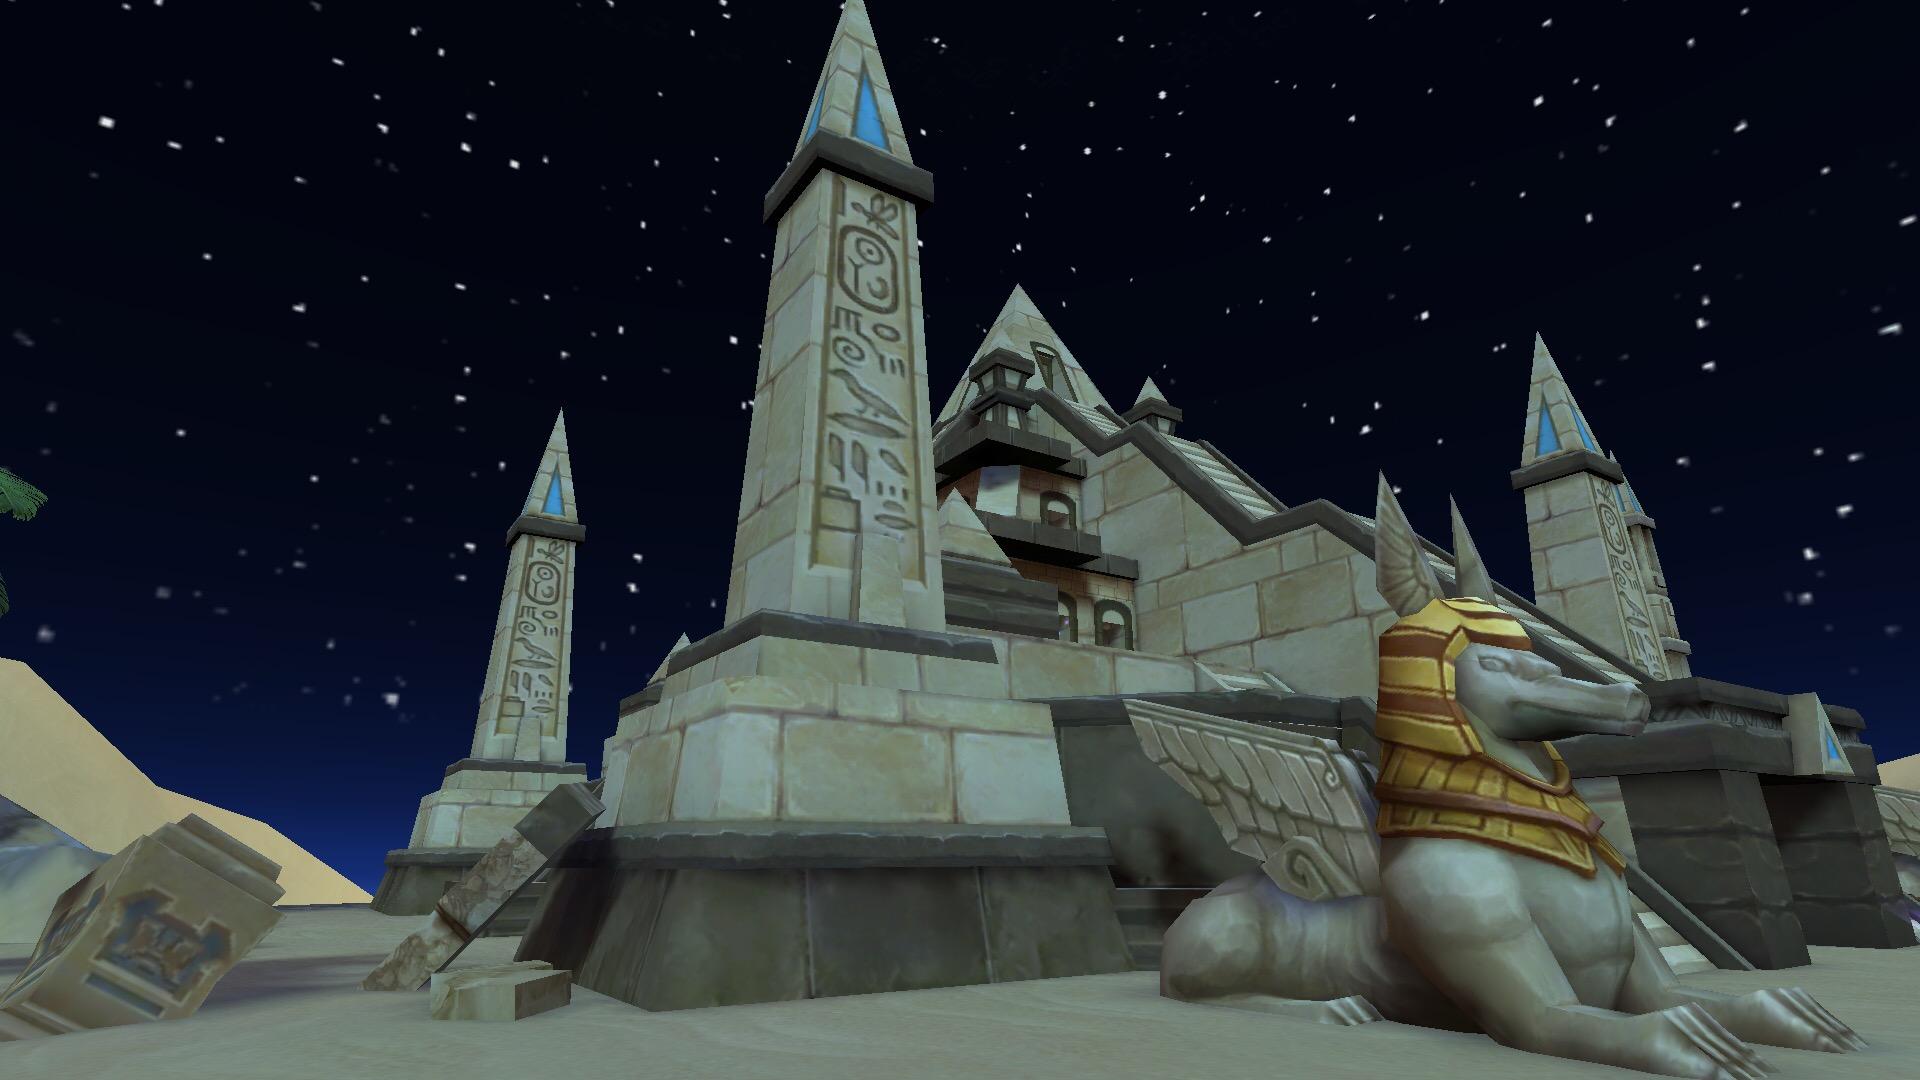 揭开金字塔的神秘面纱——探秘仙境传说ro梦罗克(下)